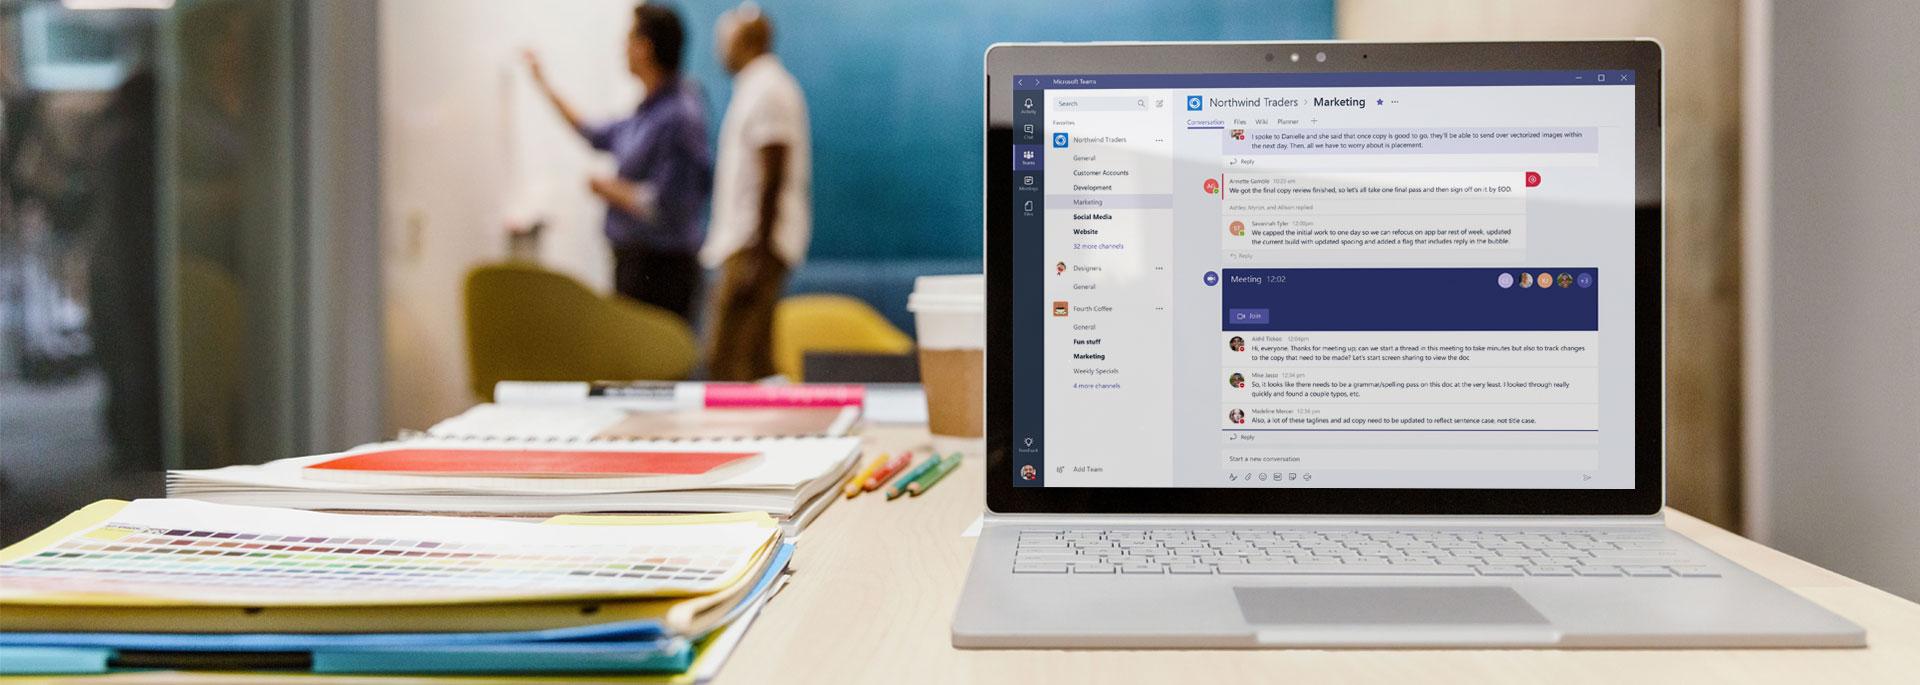 Ein Tablet mit einer Unterhaltung in Microsoft Teams